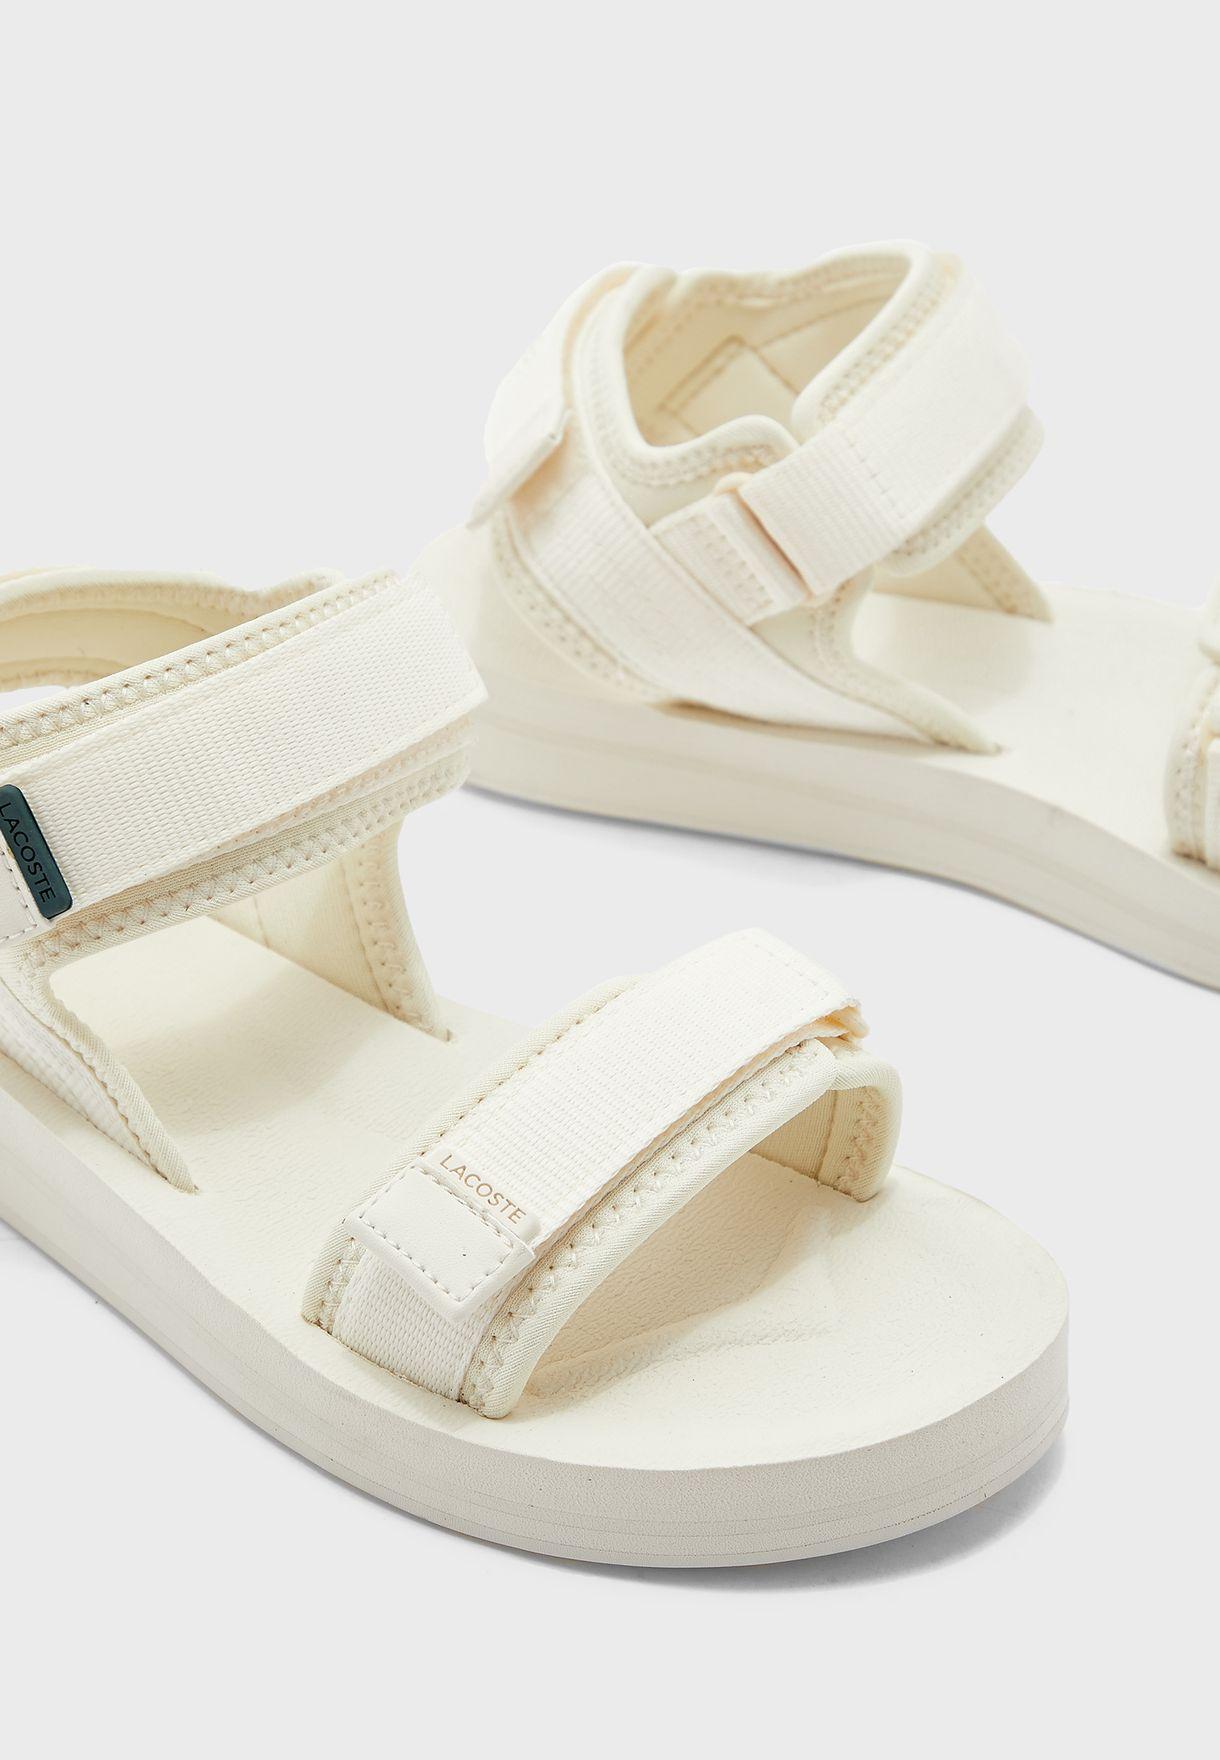 Suruga Flat Sandal